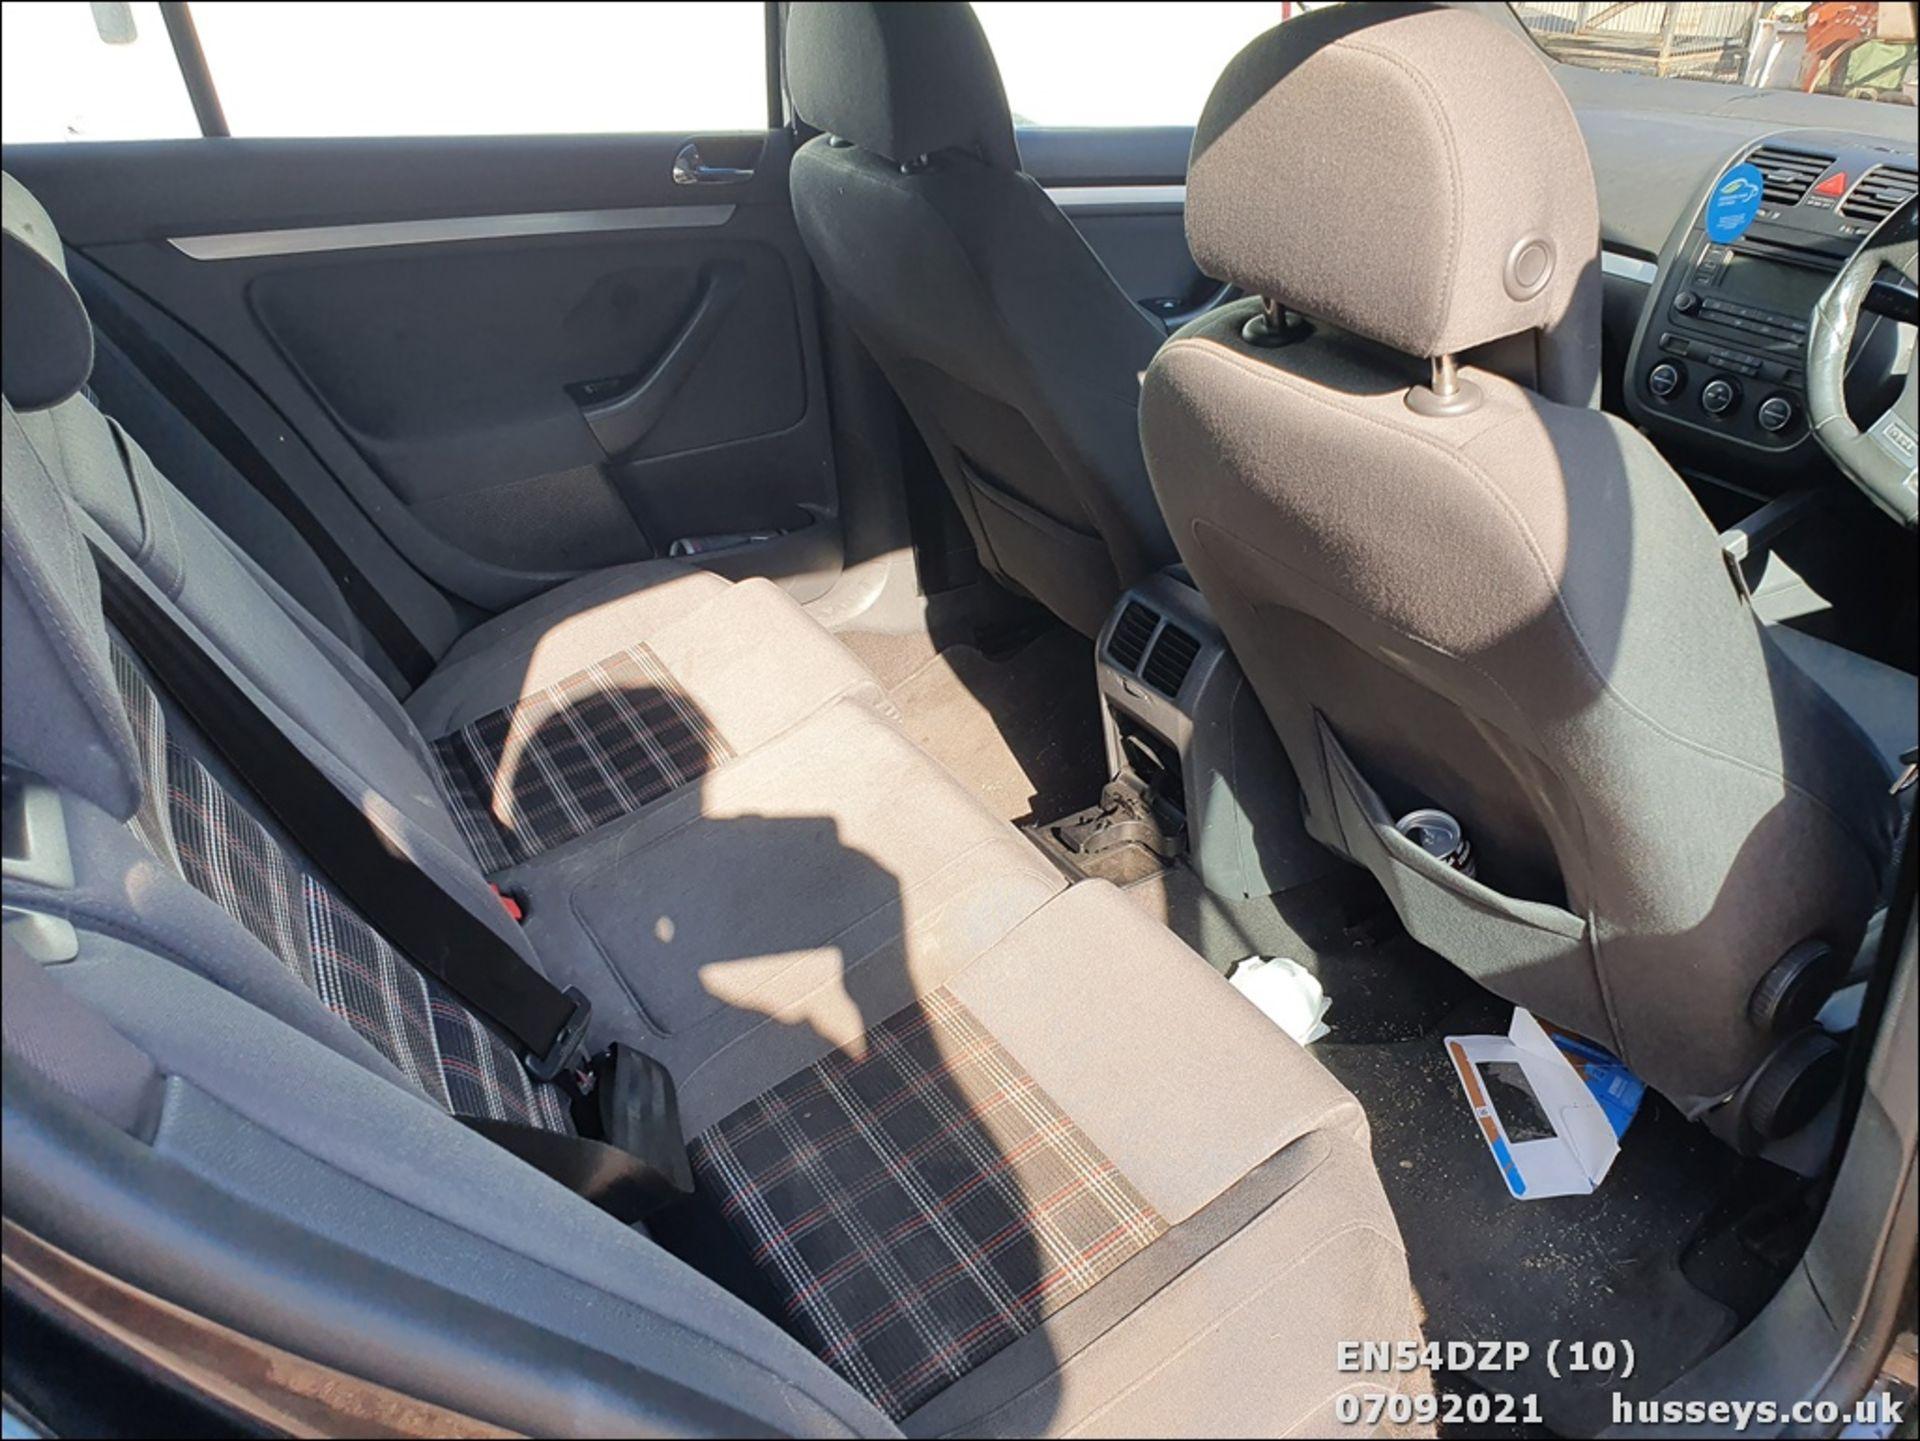 05/54 VOLKSWAGEN GOLF GTI - 1984cc 5dr Hatchback (Black, 117k) - Image 10 of 14